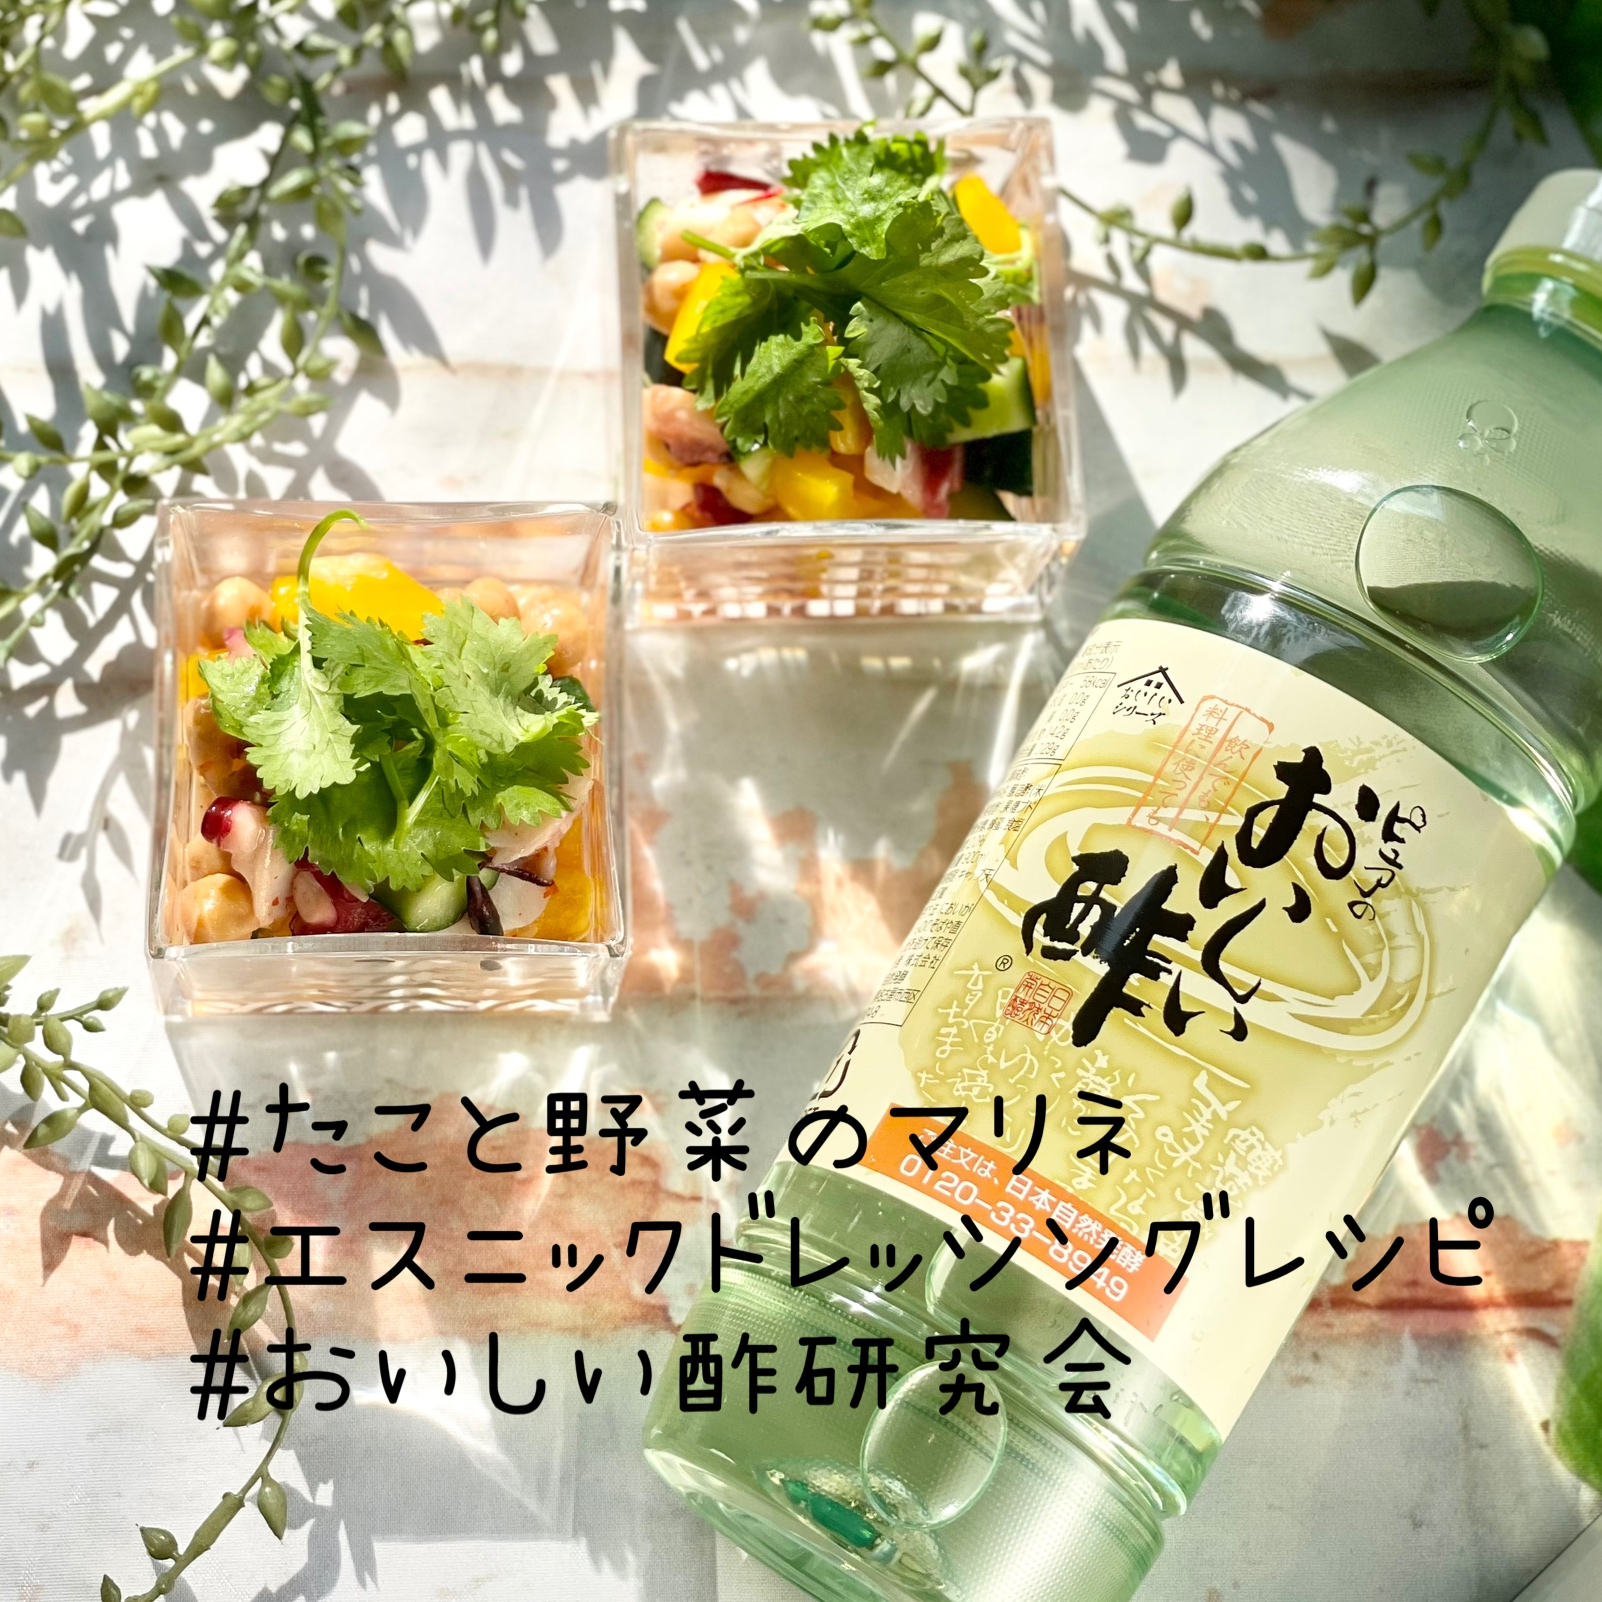 (レシピ)エスニック風ドレッシングアレンジ:たこと野菜のマリネ